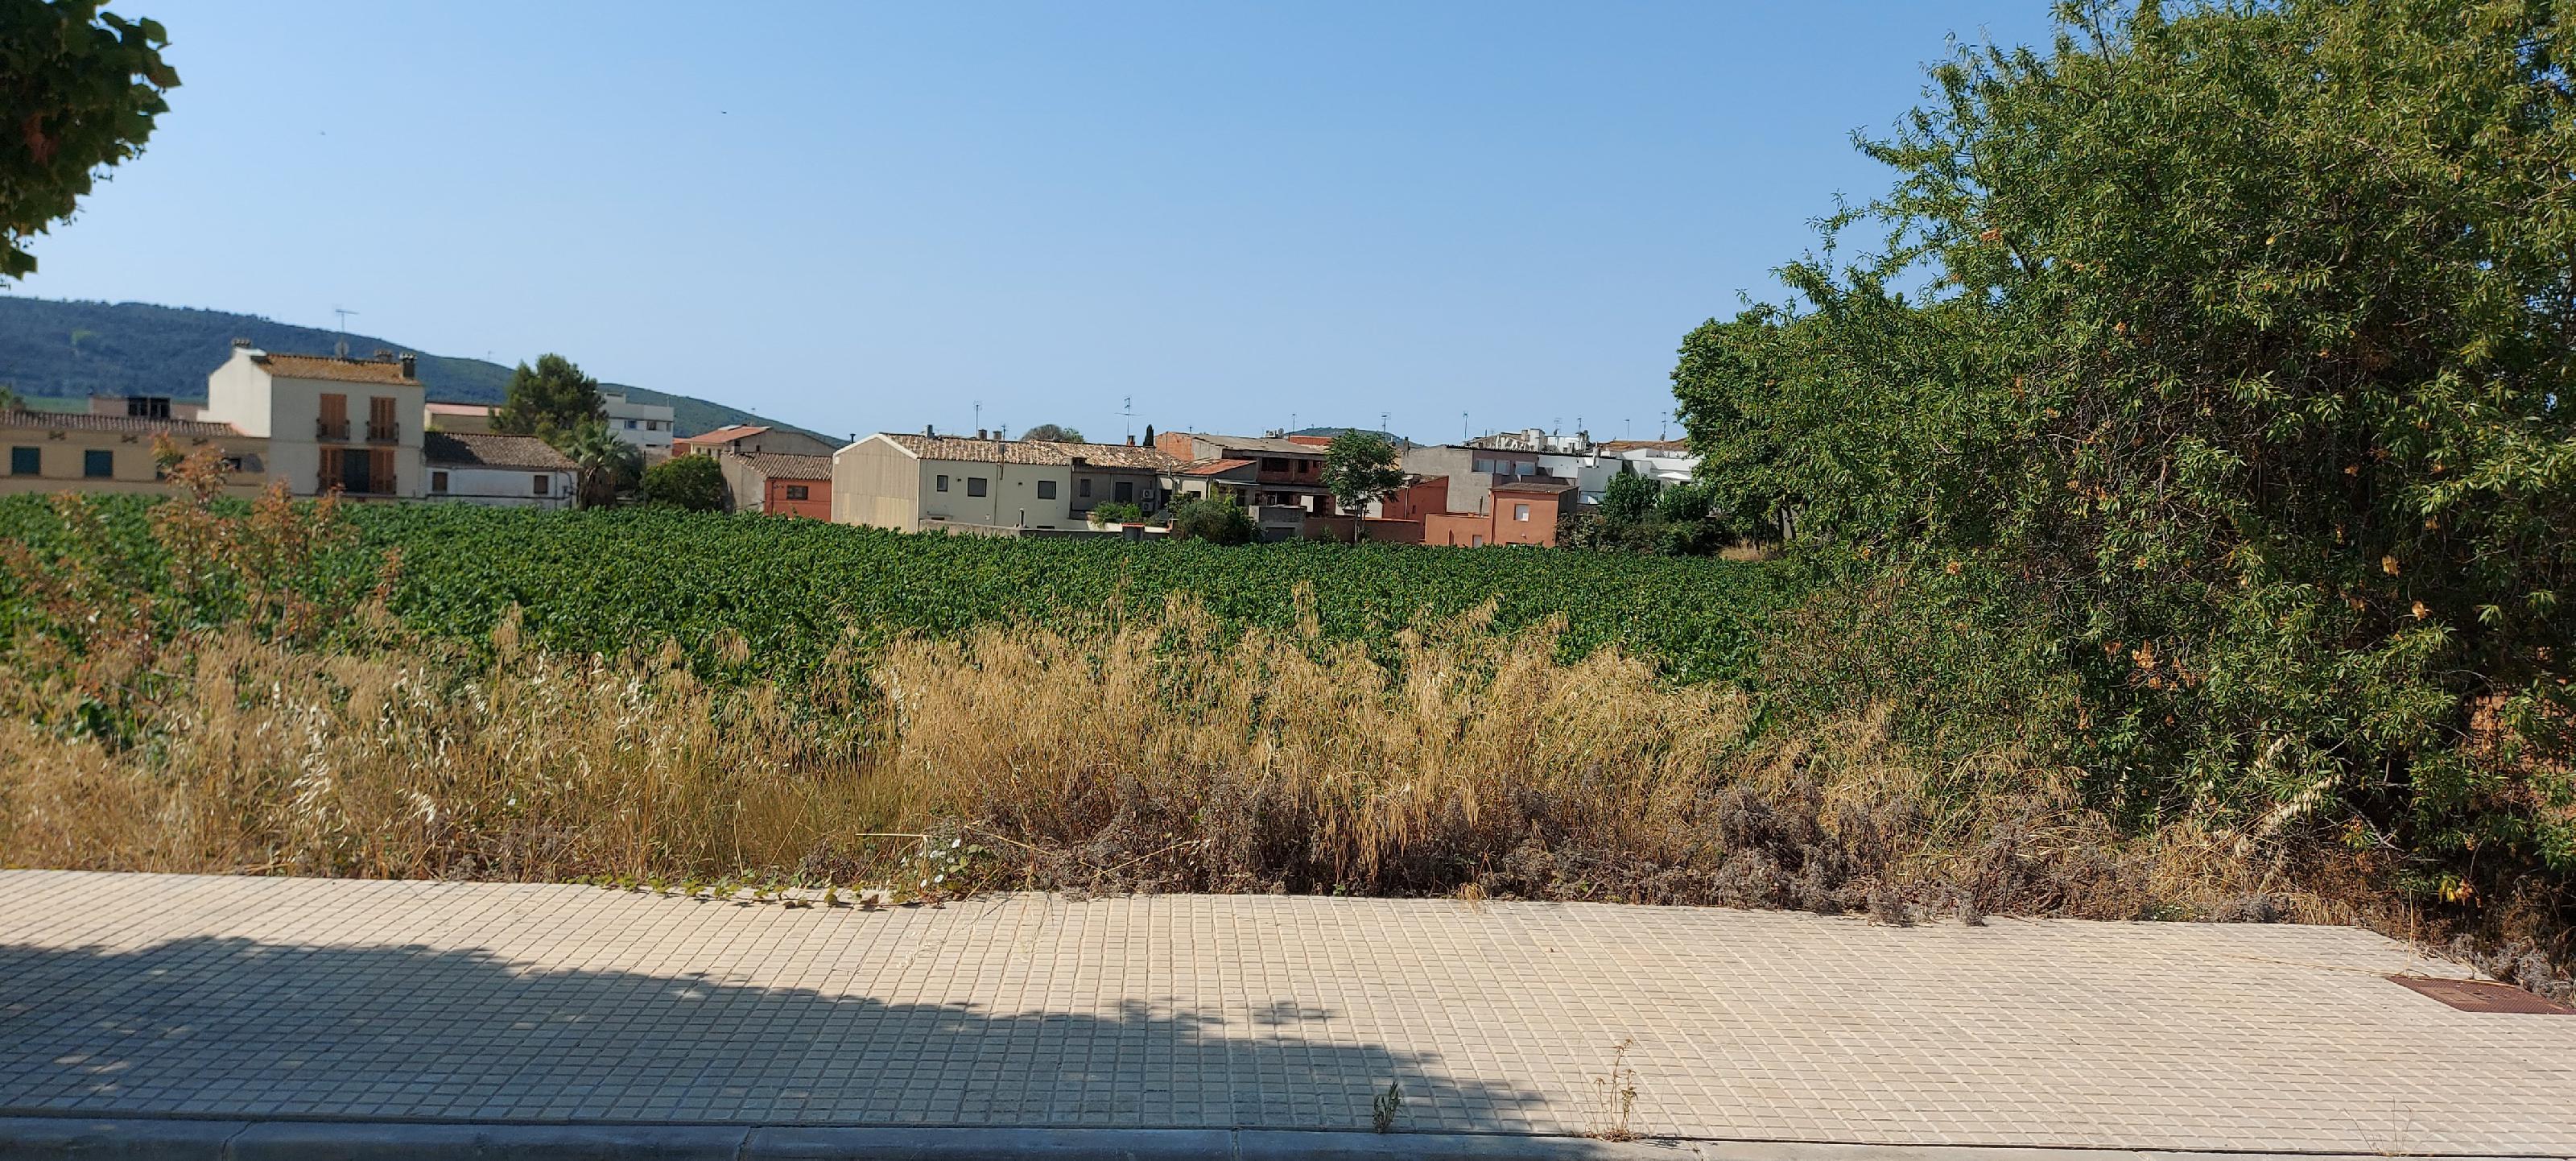 Imagen 1 Solar Urbano en venta en Sant Cugat Sesgarrigues / Sant Cugat Sesgarrigues